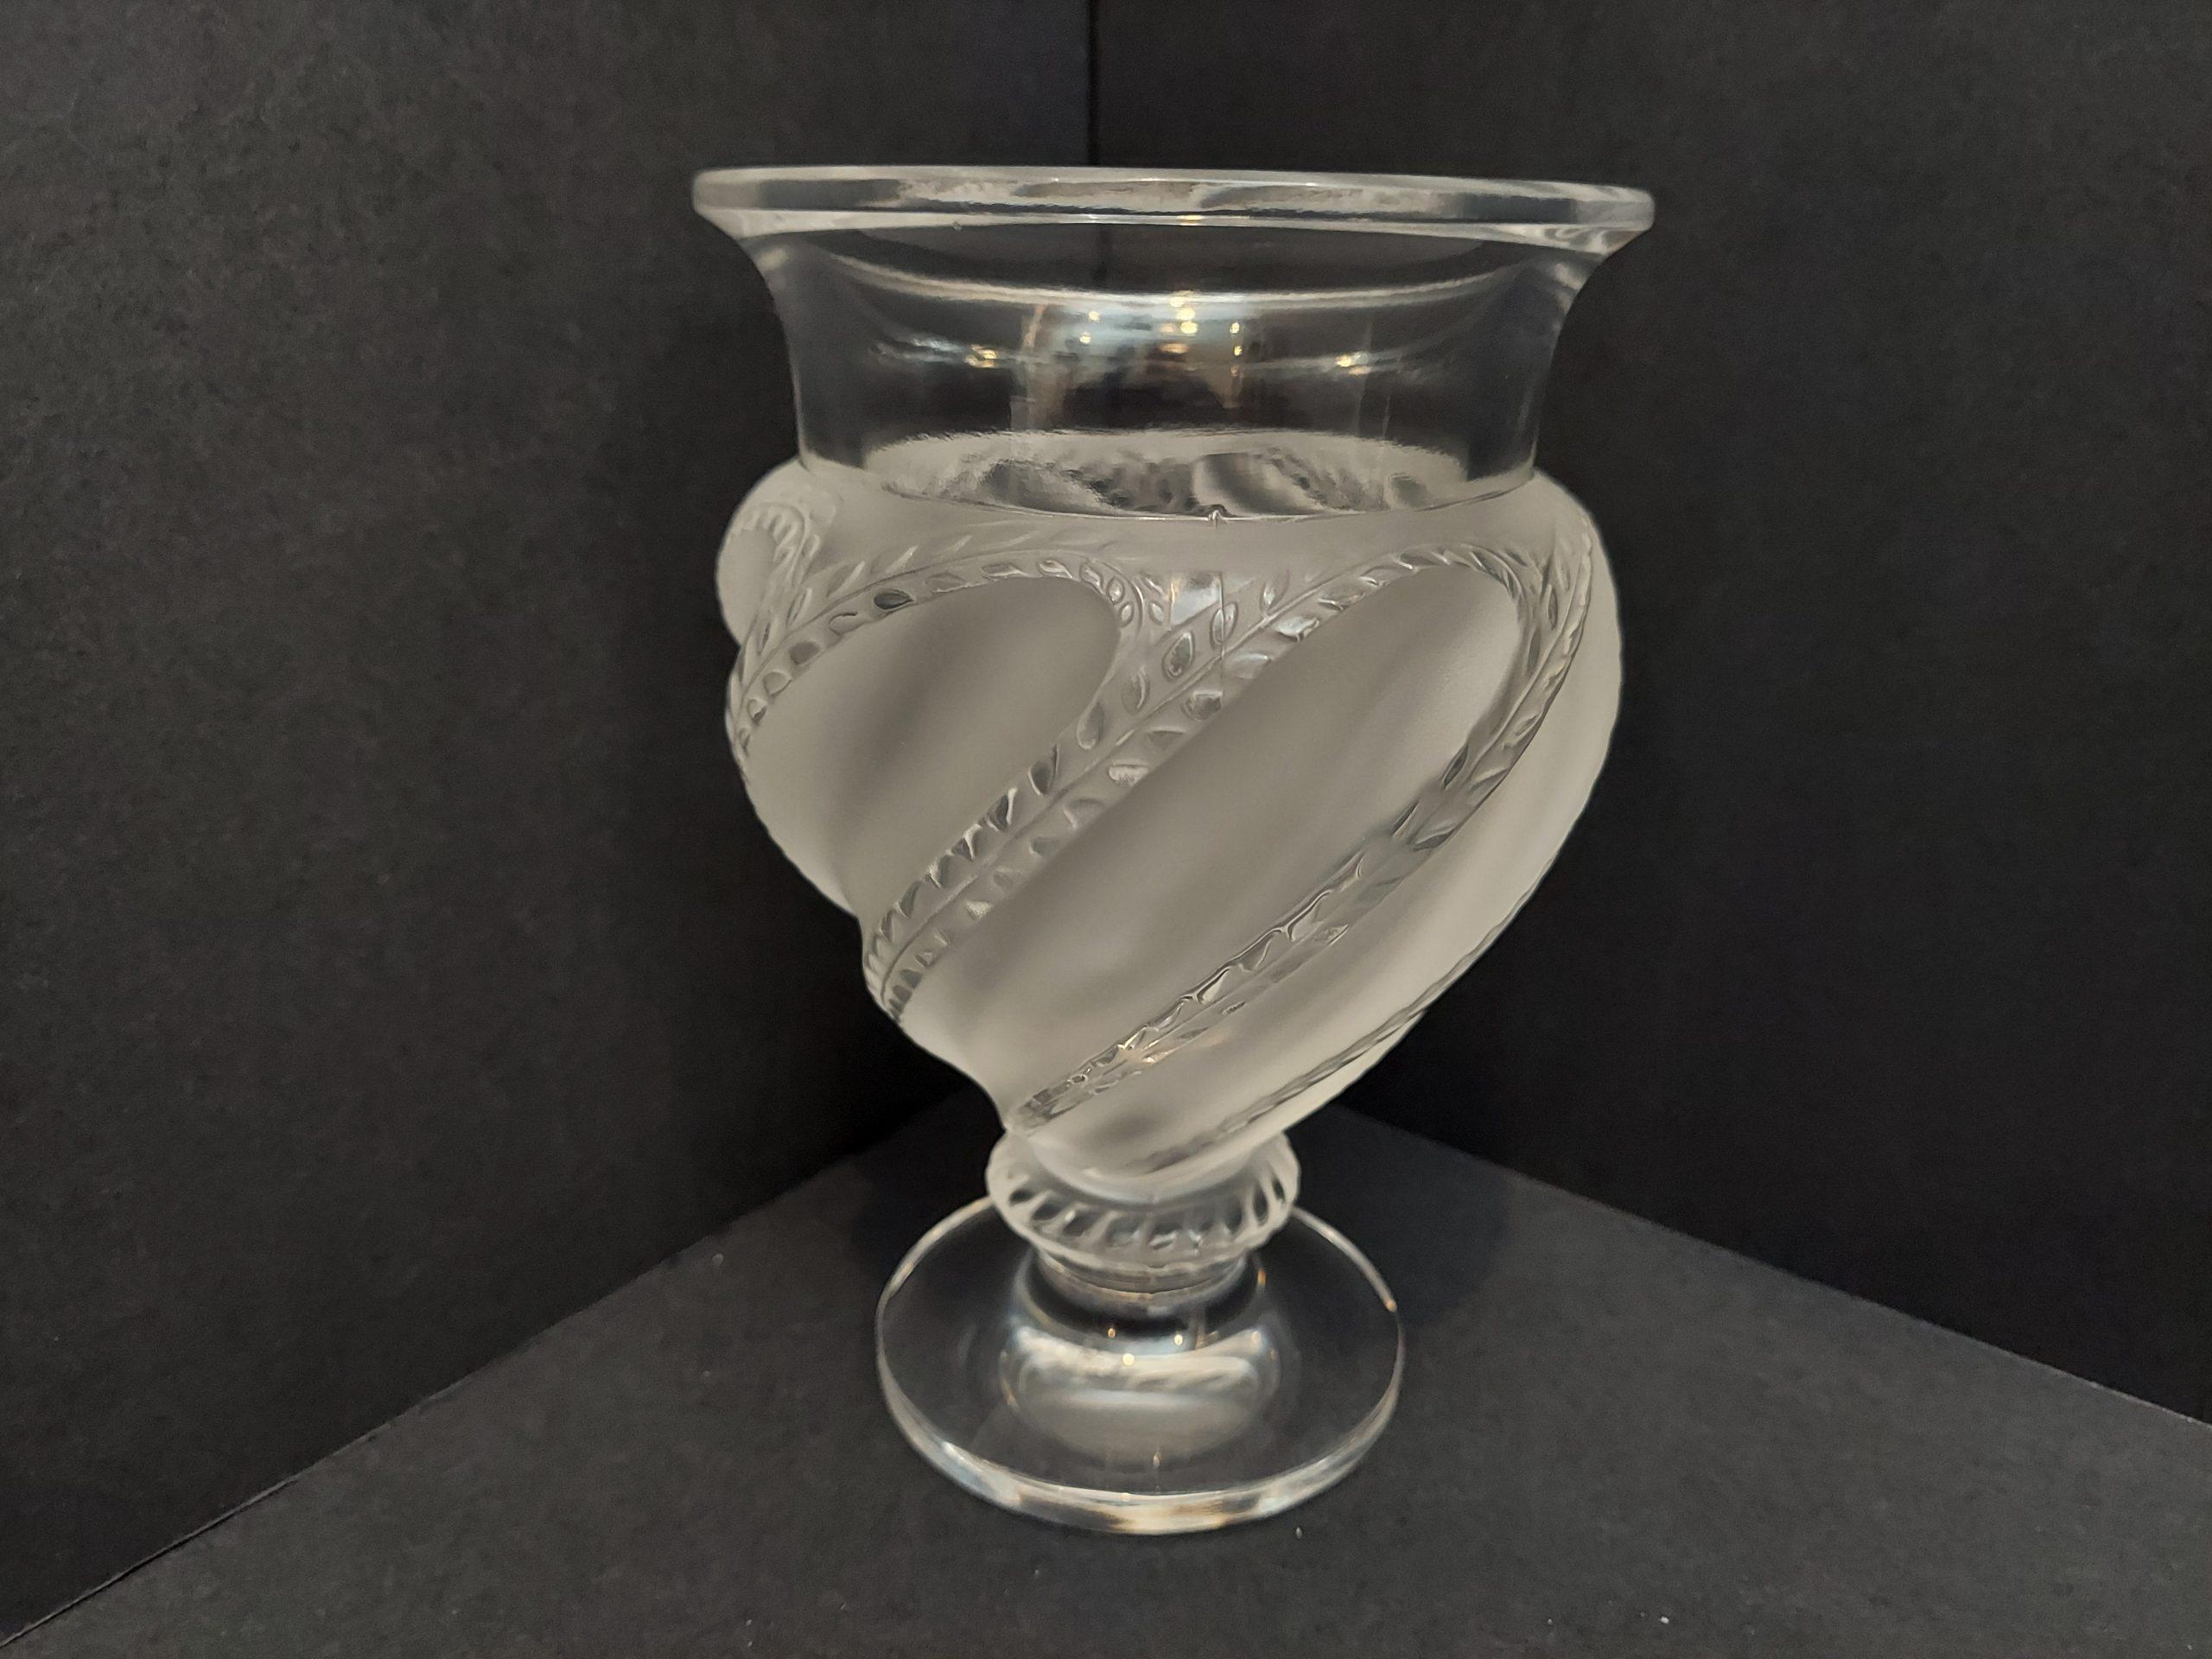 Lalique Ermenonville Vase - Signed